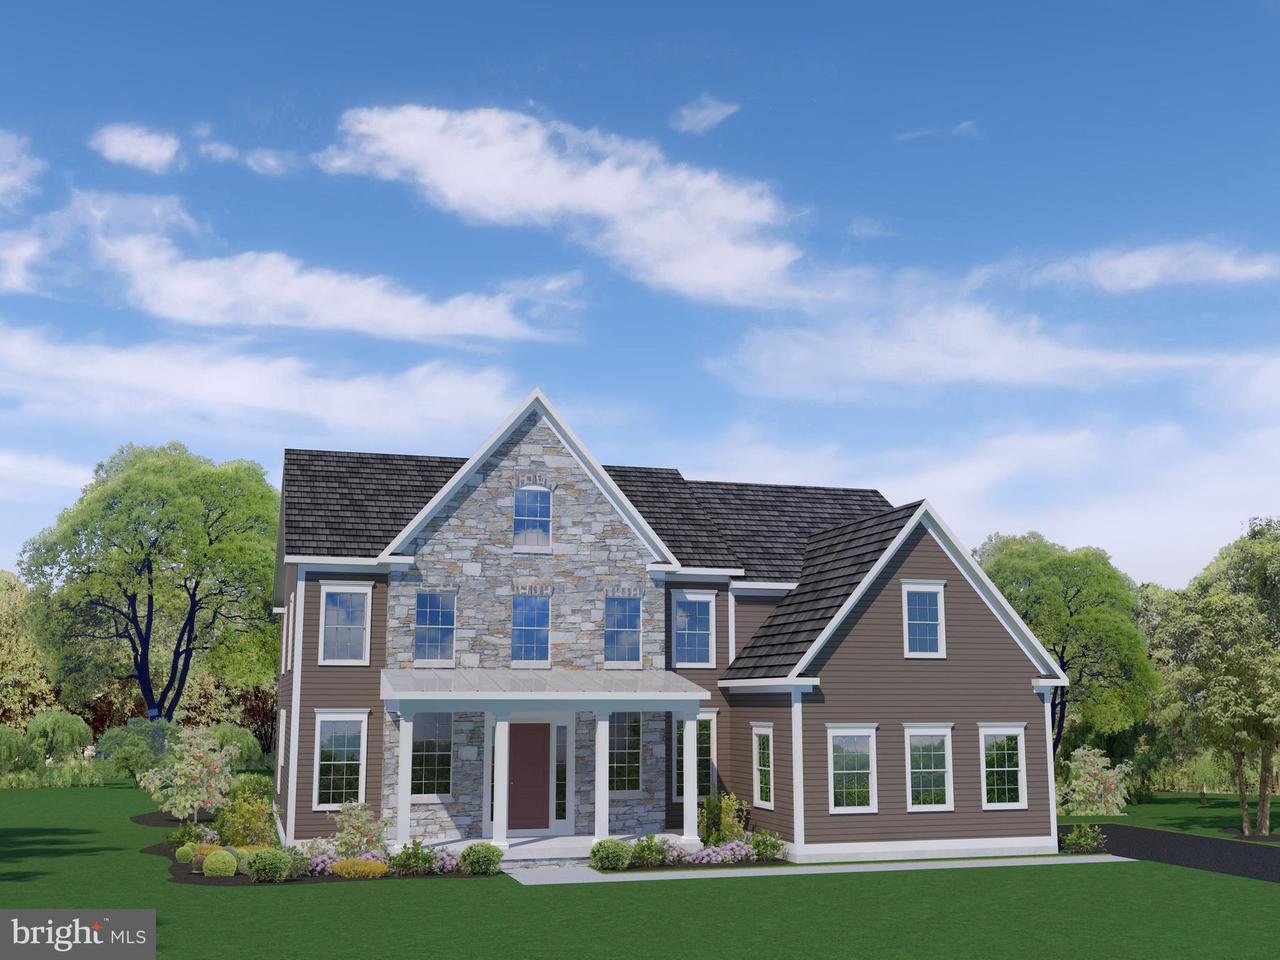 단독 가정 주택 용 매매 에 24596 Buckwheat Lane 24596 Buckwheat Lane Aldie, 버지니아 20105 미국